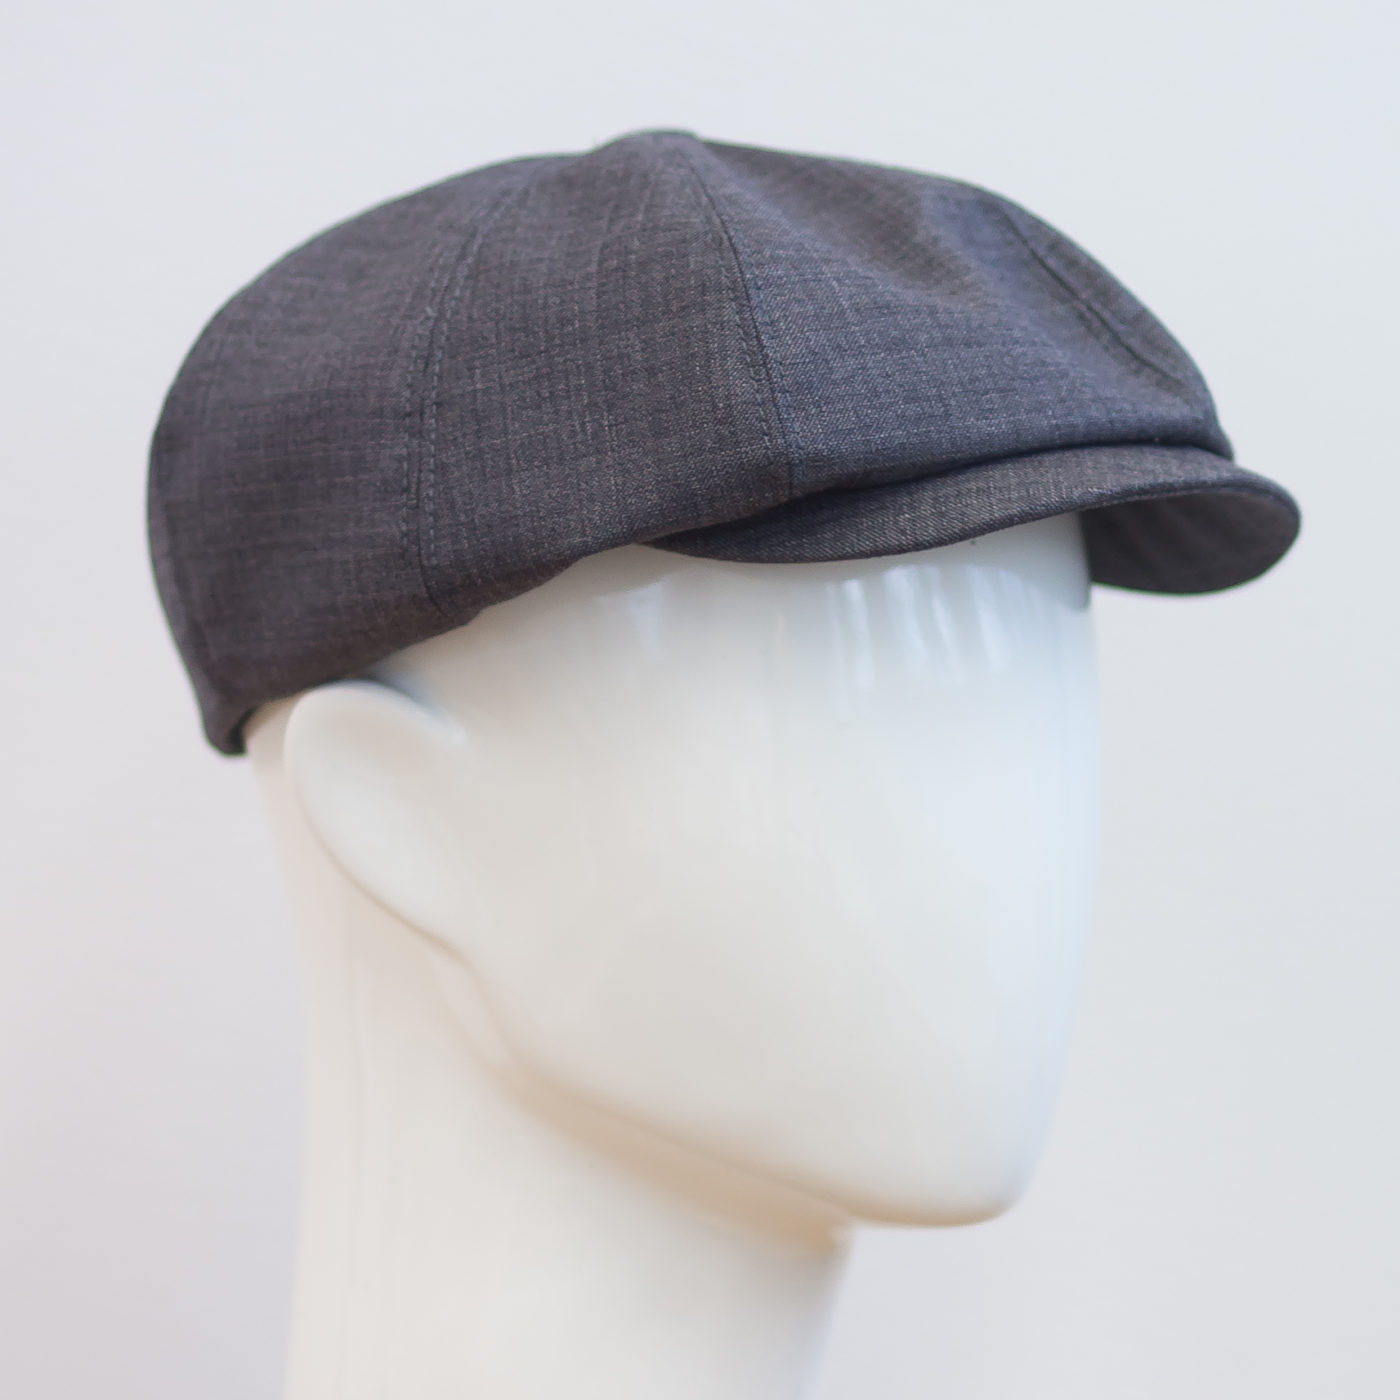 Käsintehty kangaslakki Katupoika-lakki Helsinki Hat Factory